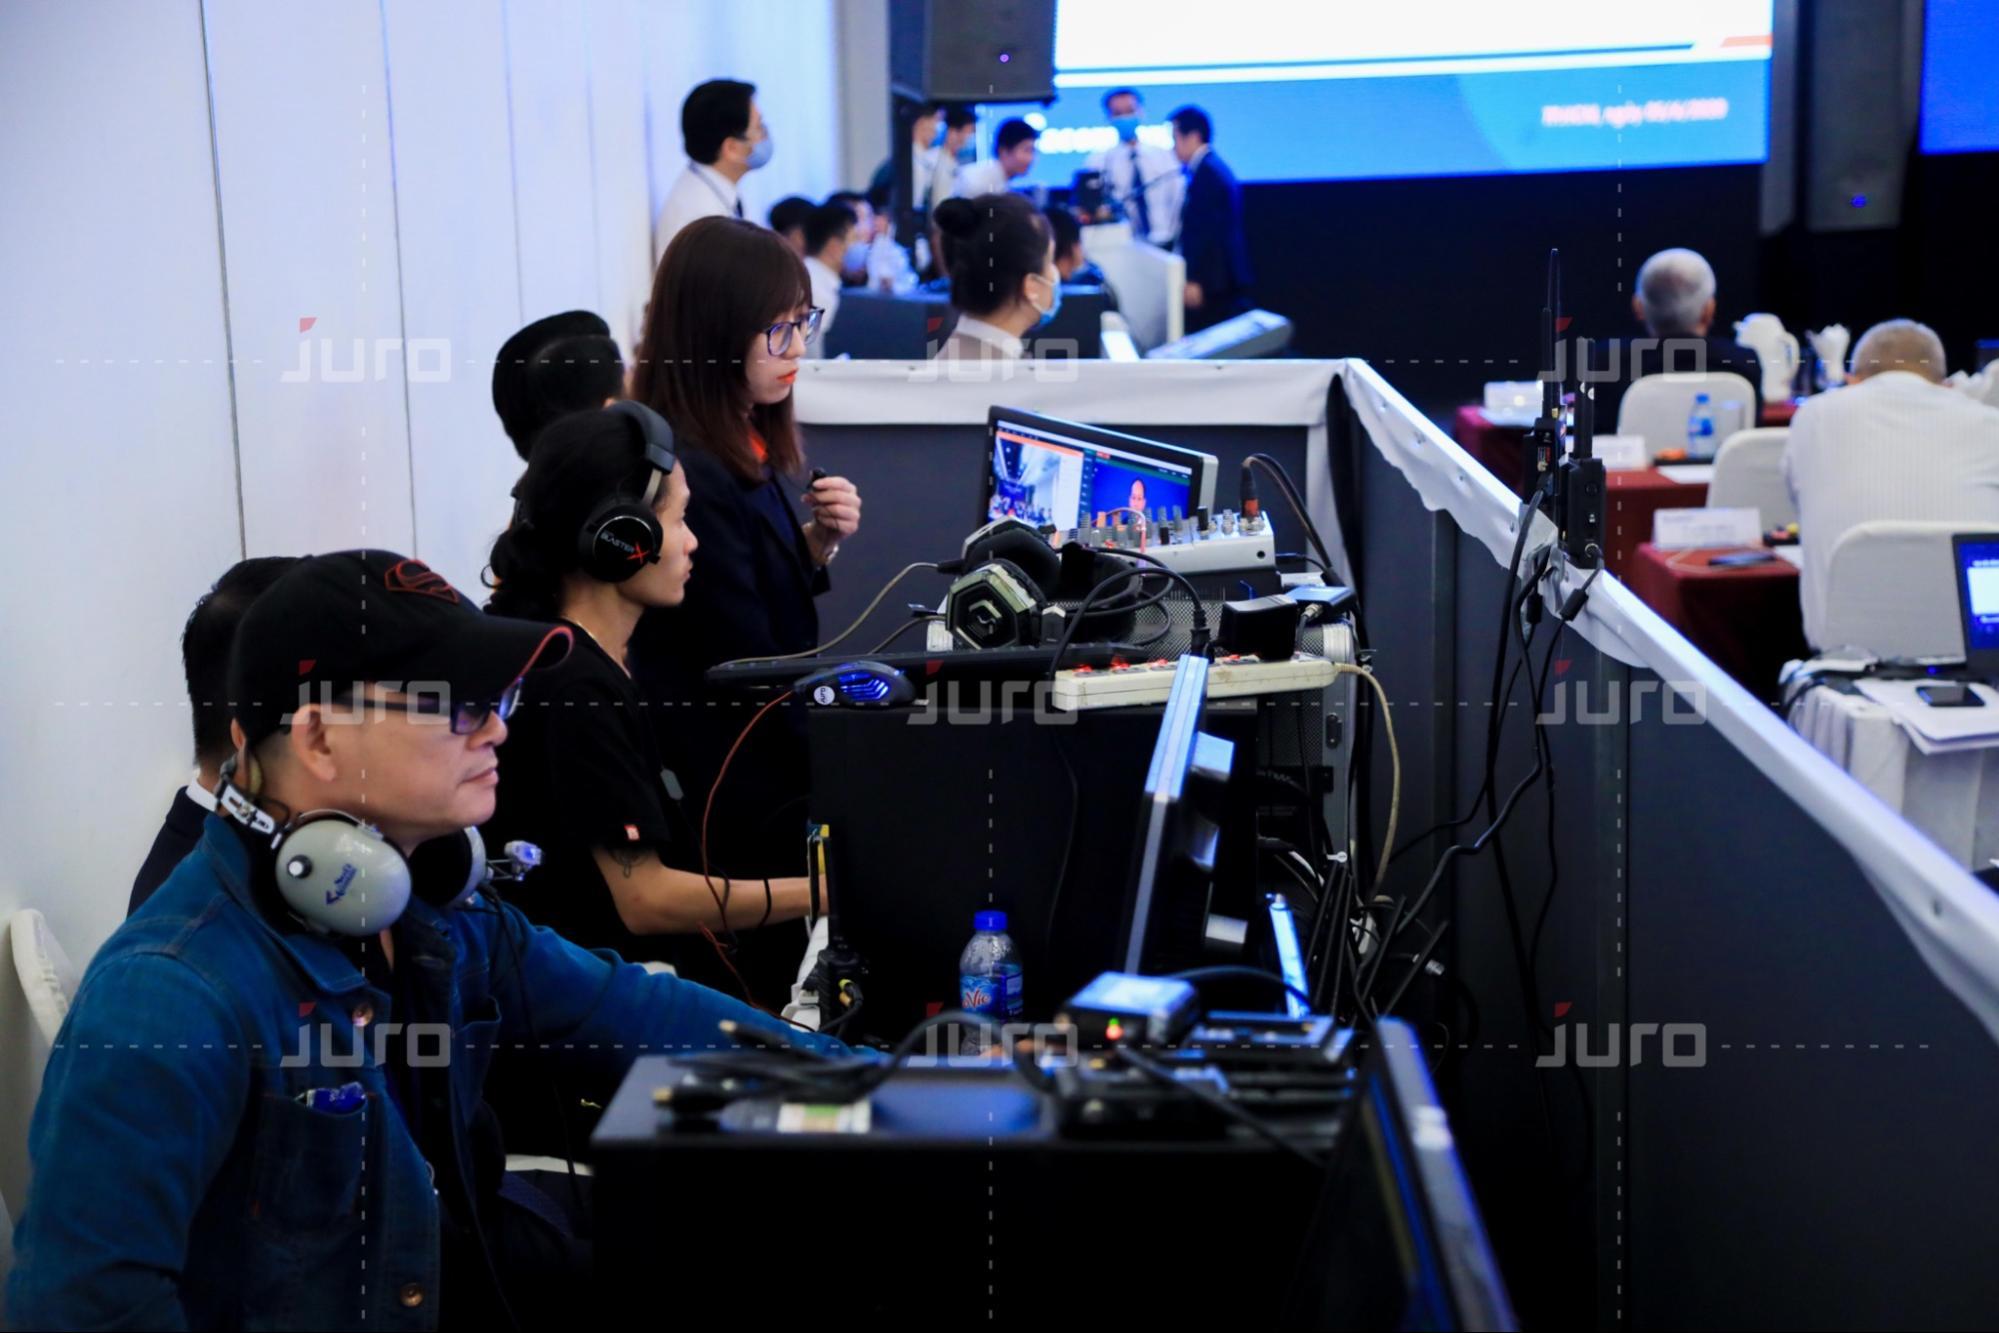 Đội ngũ tổ chức sự kiện JURO chuyên nghiệp